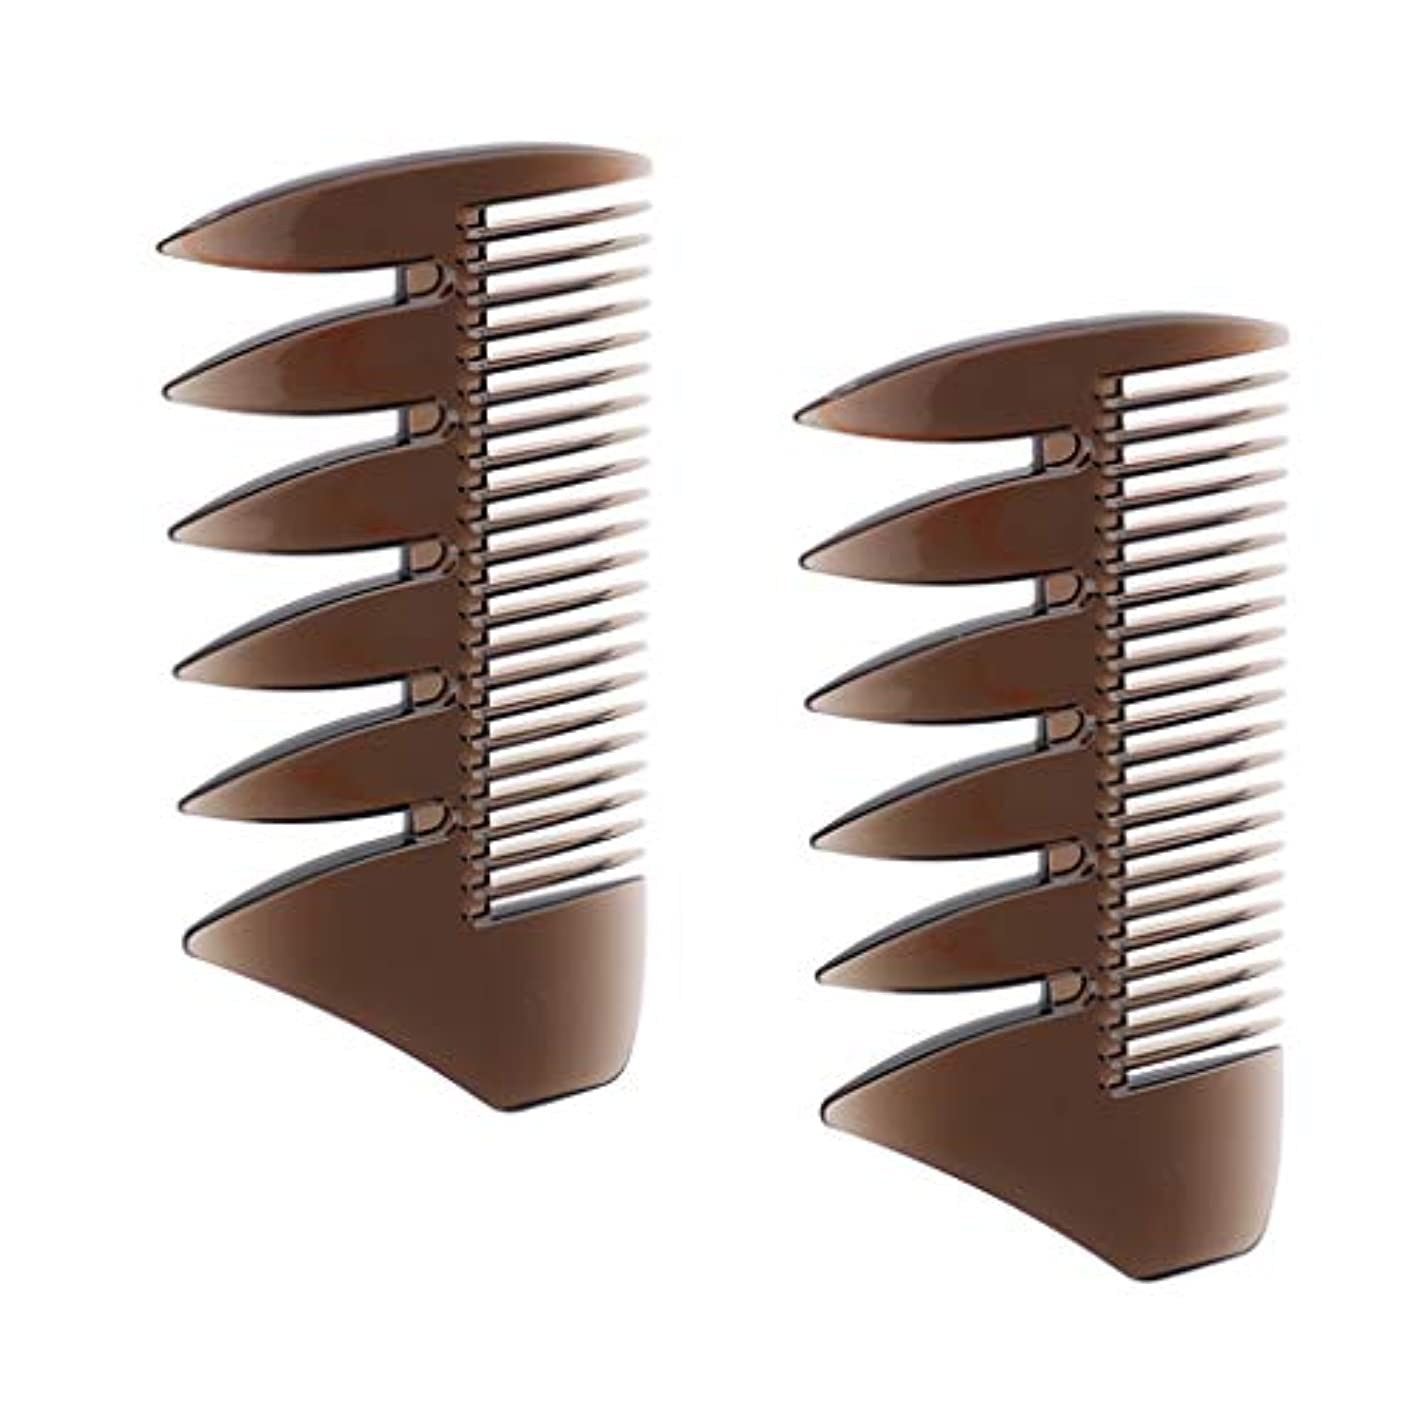 誠意イデオロギーマルコポーロ2個セット ヘアコンビ デュアルサイド メンズ オイルの髪 櫛 ヘアサロン ヘアスタイリング